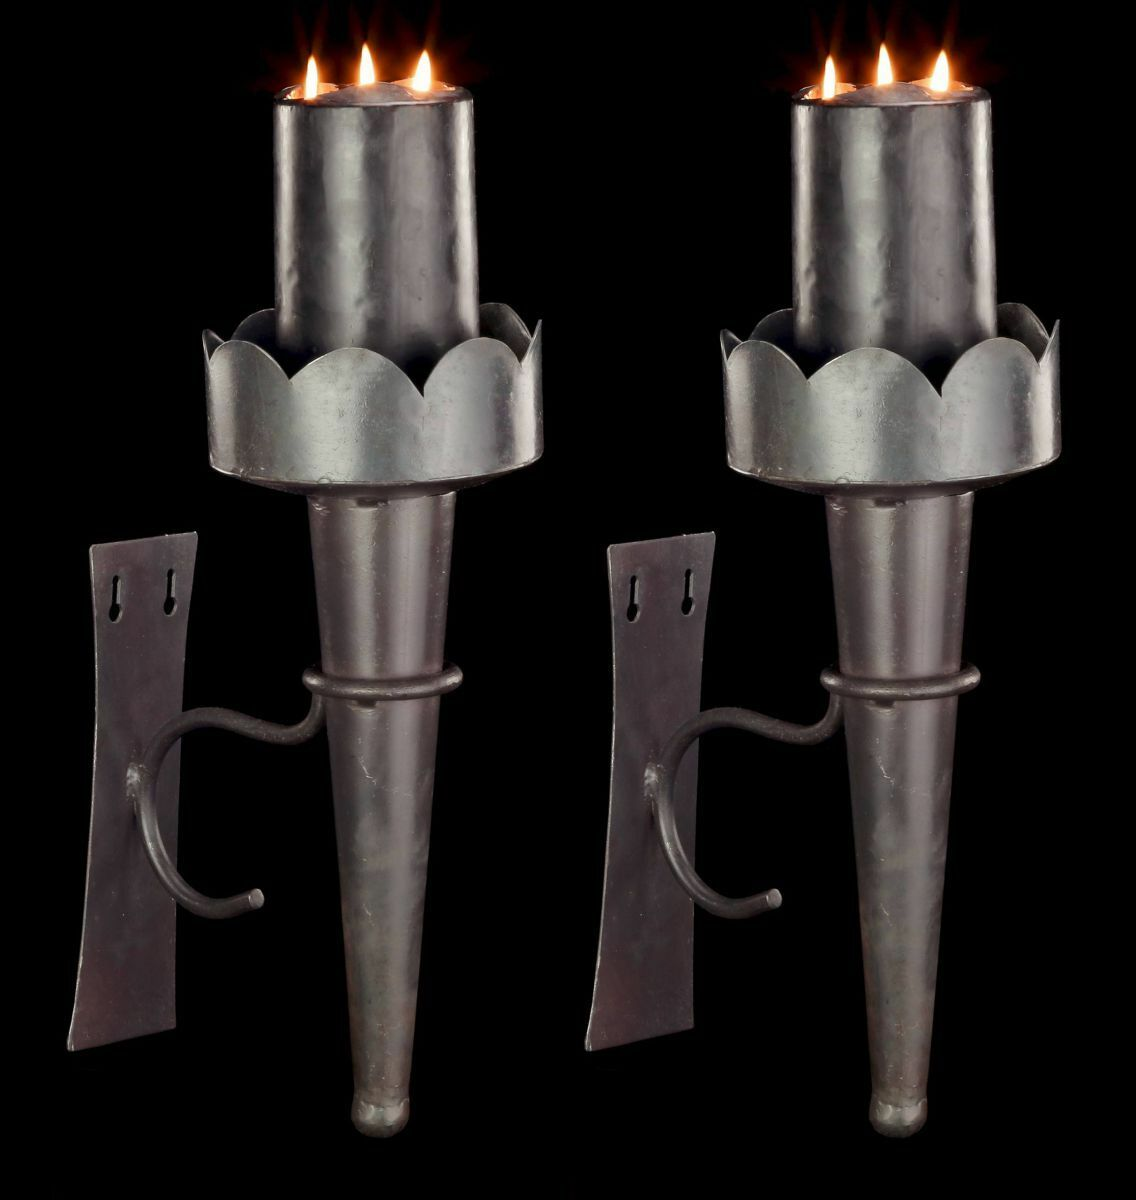 Médiévale liseuses en métal 2er set-BOUGEOIRS mur torche